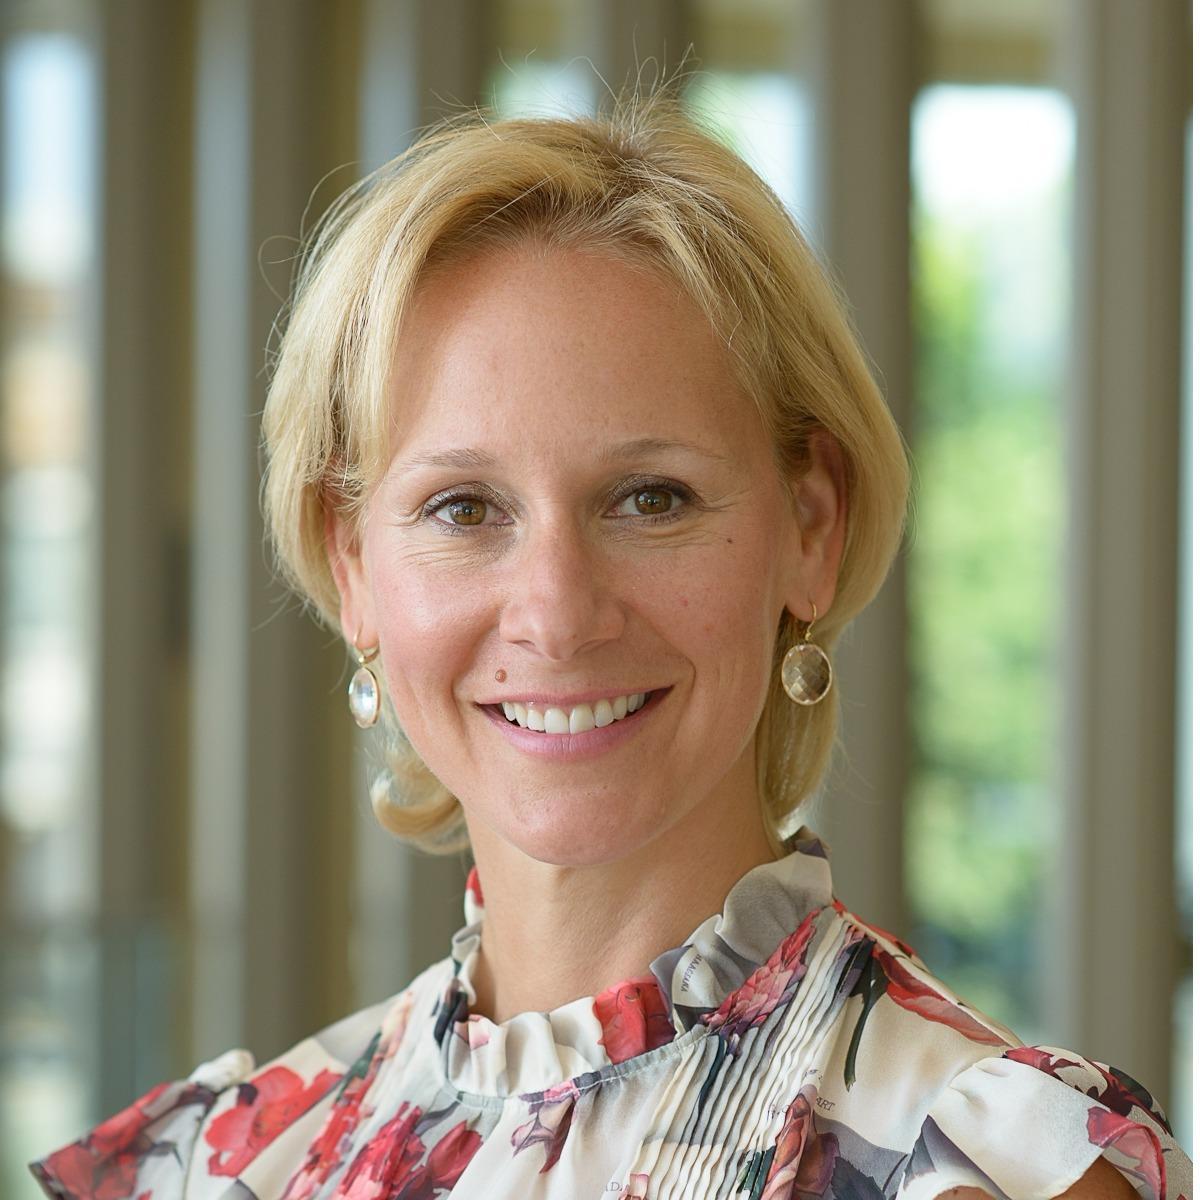 Dr Joelle Lieman MD